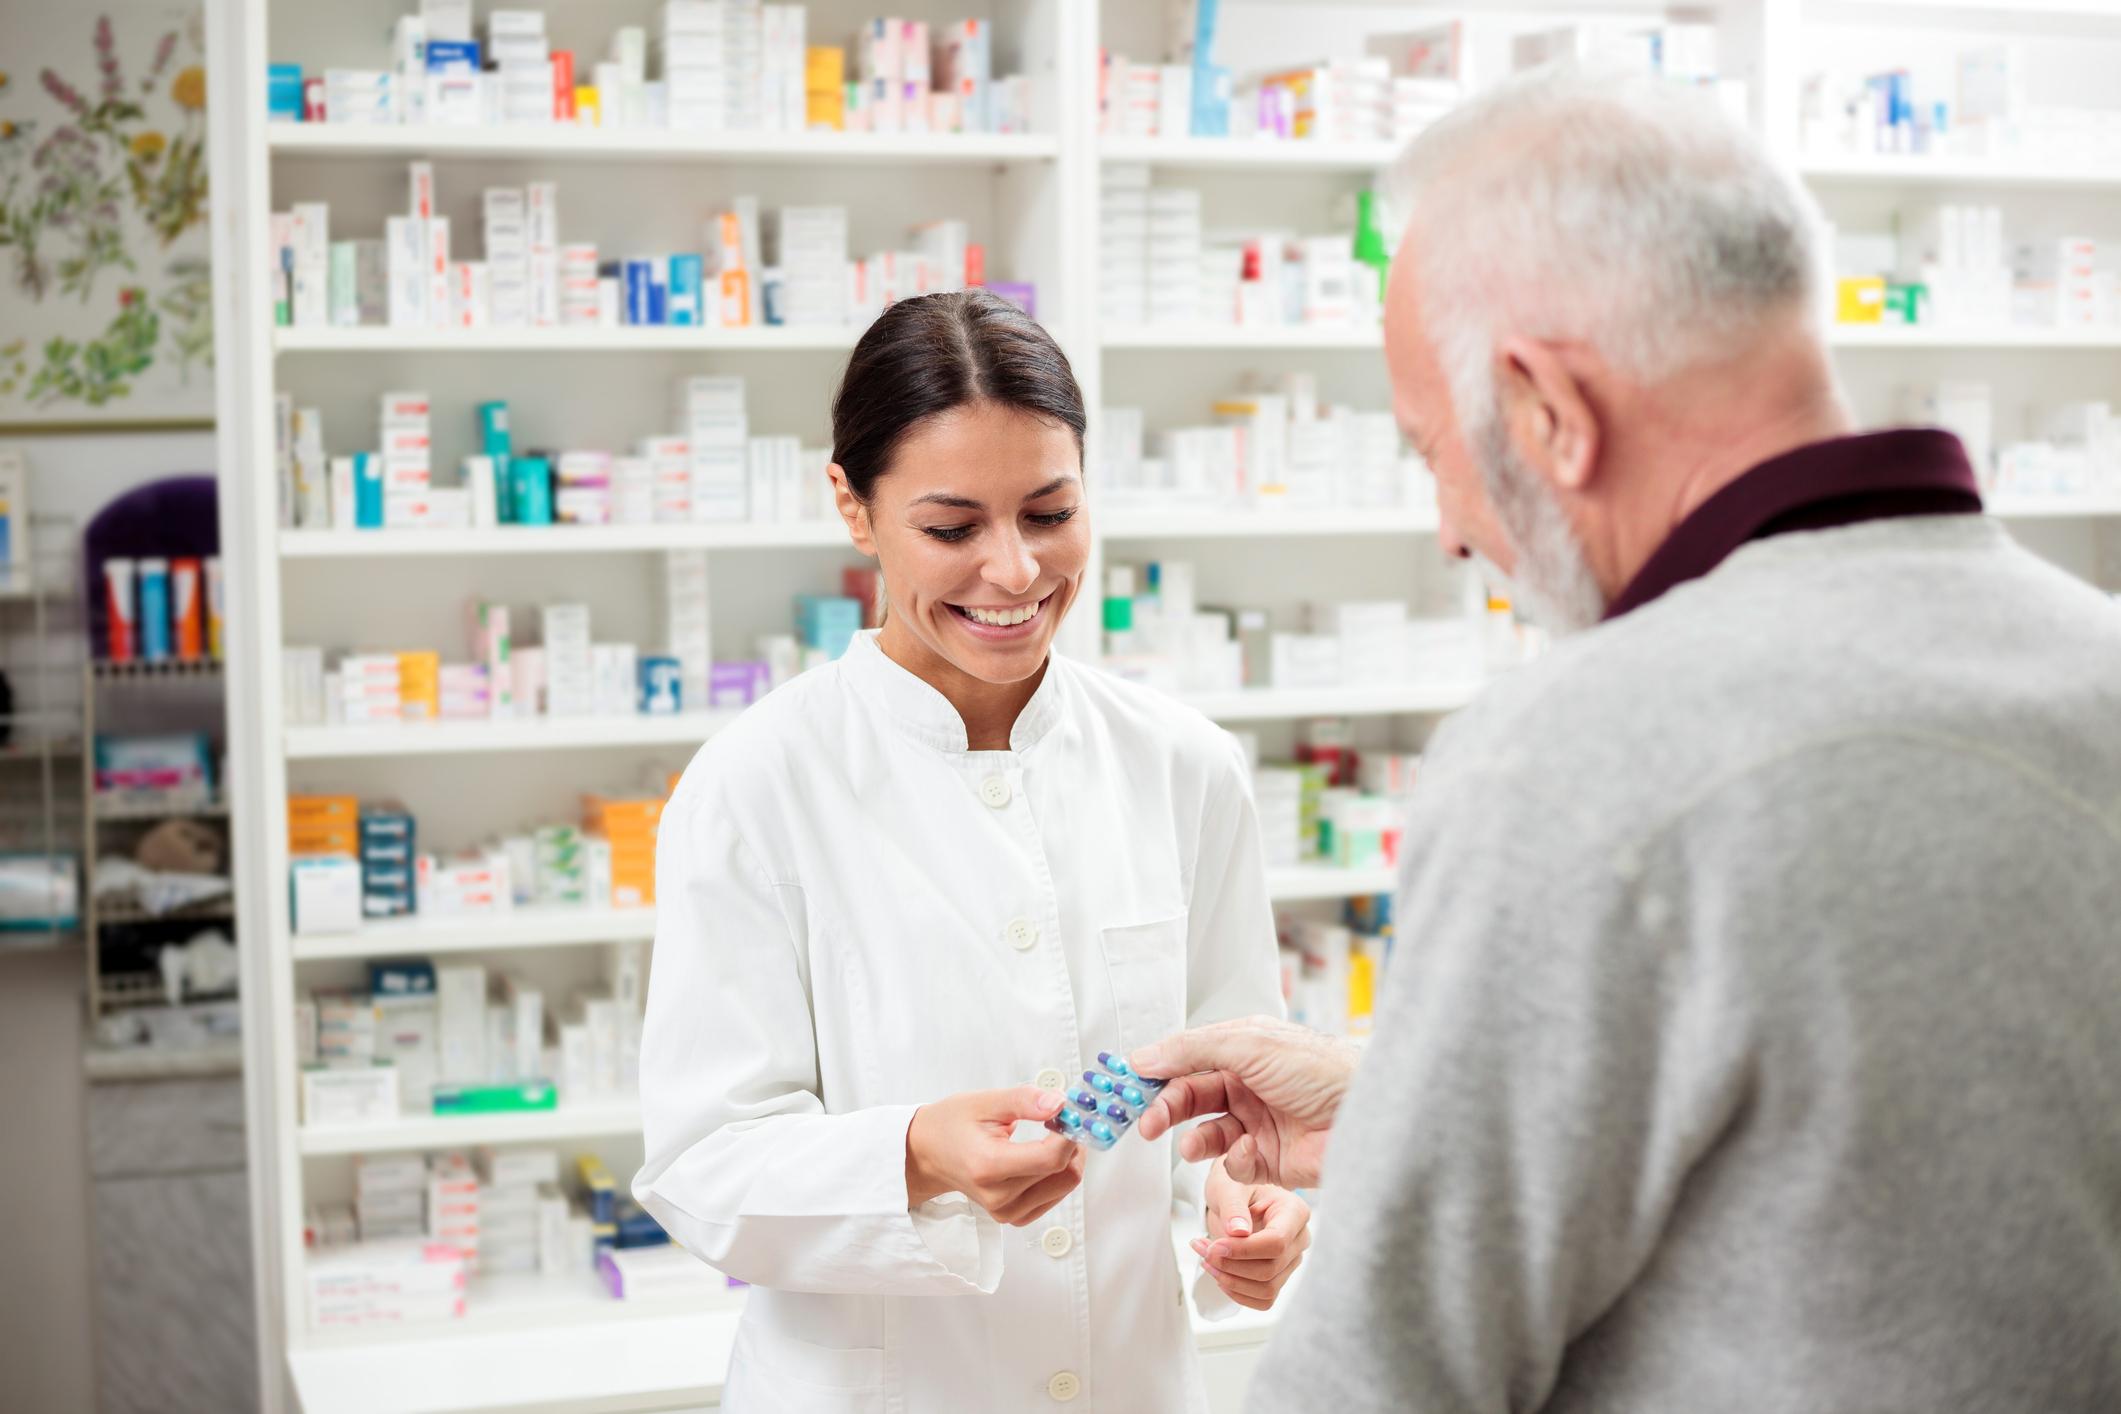 A customer in a pharmacy.